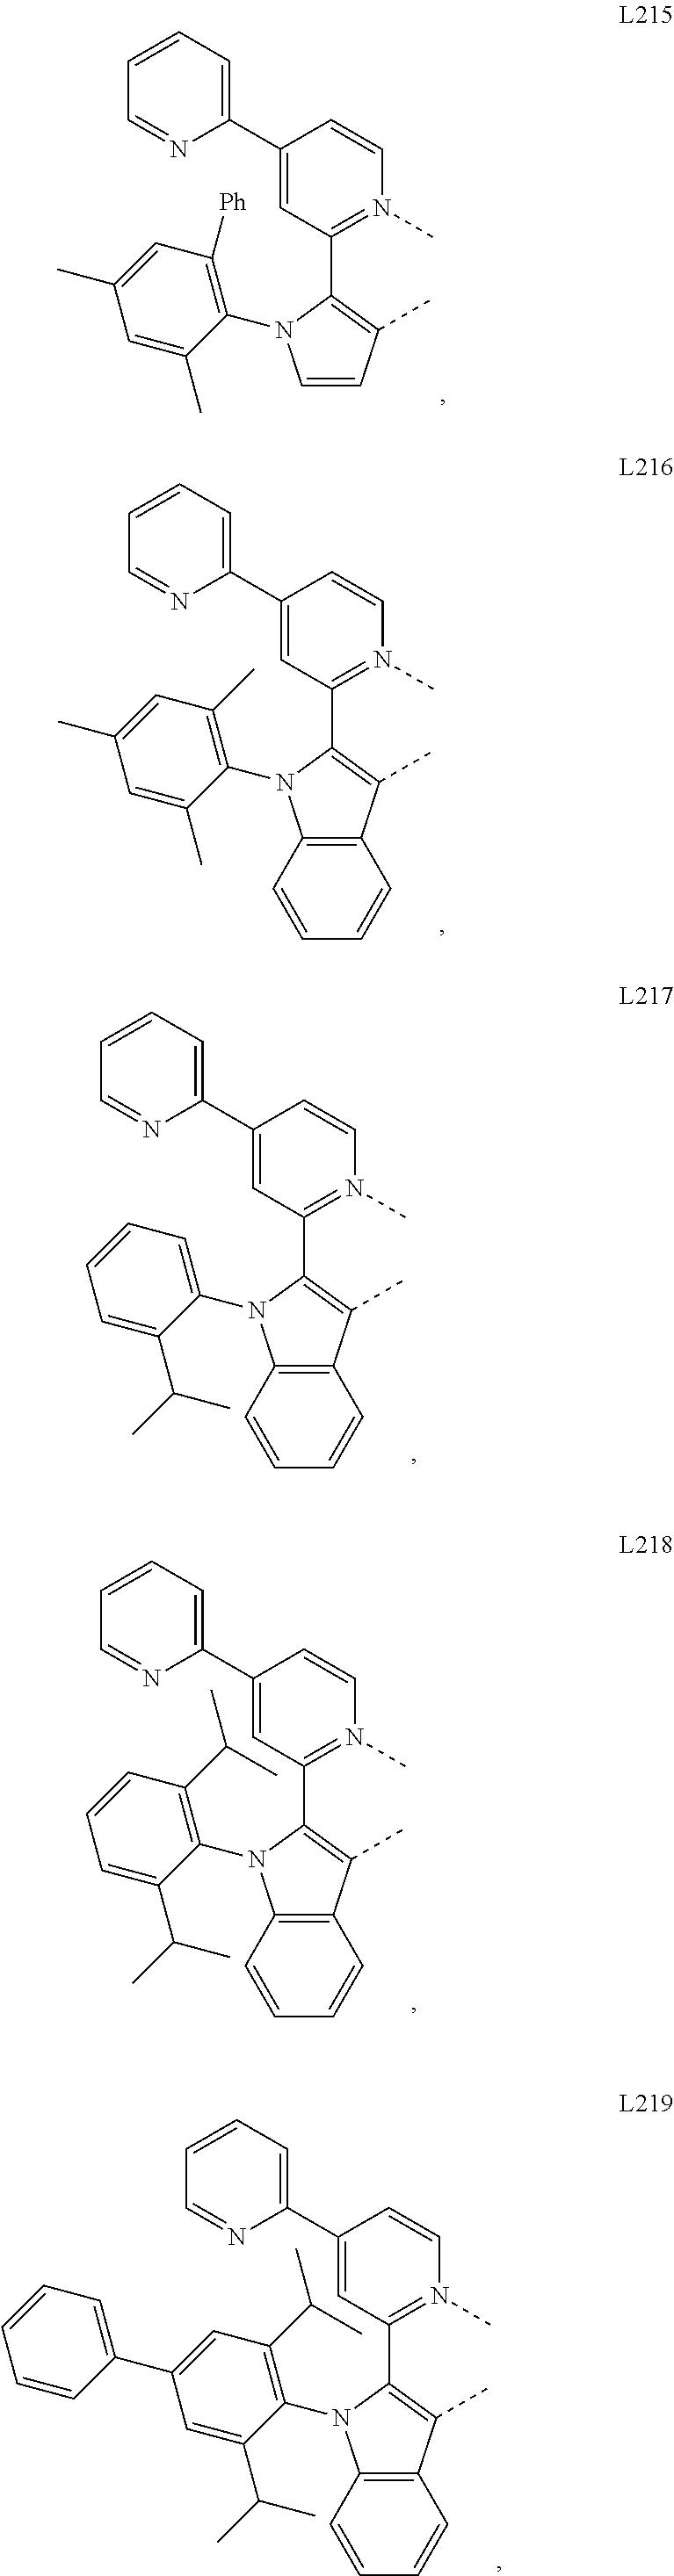 Figure US09935277-20180403-C00049